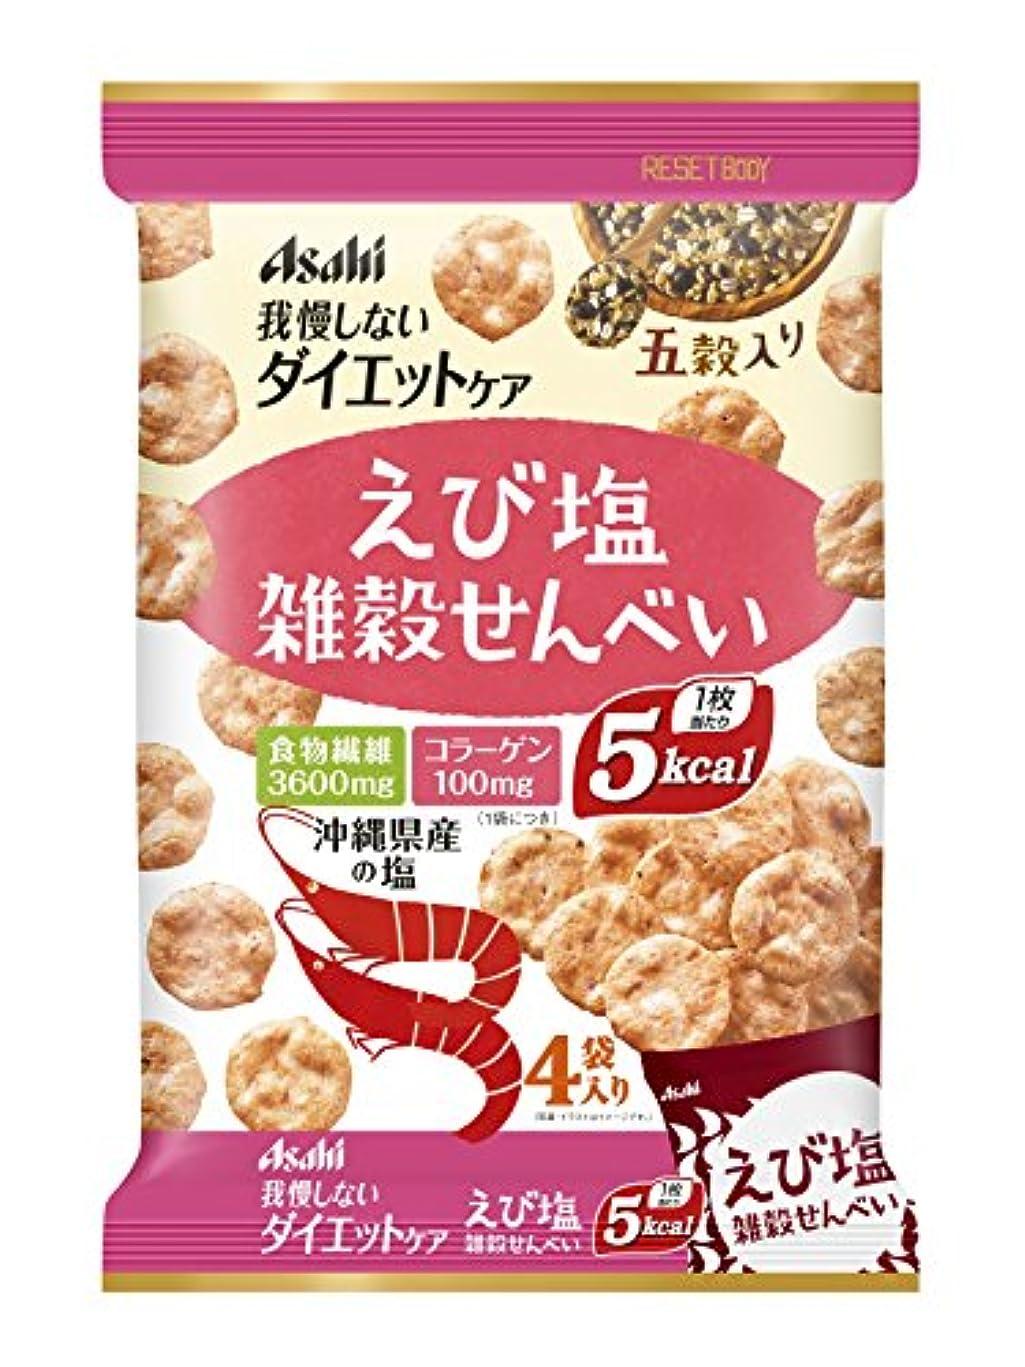 定期的生産的お嬢アサヒグループ食品 リセットボディ 雑穀せんべい えび塩味 88g(22gx4袋)